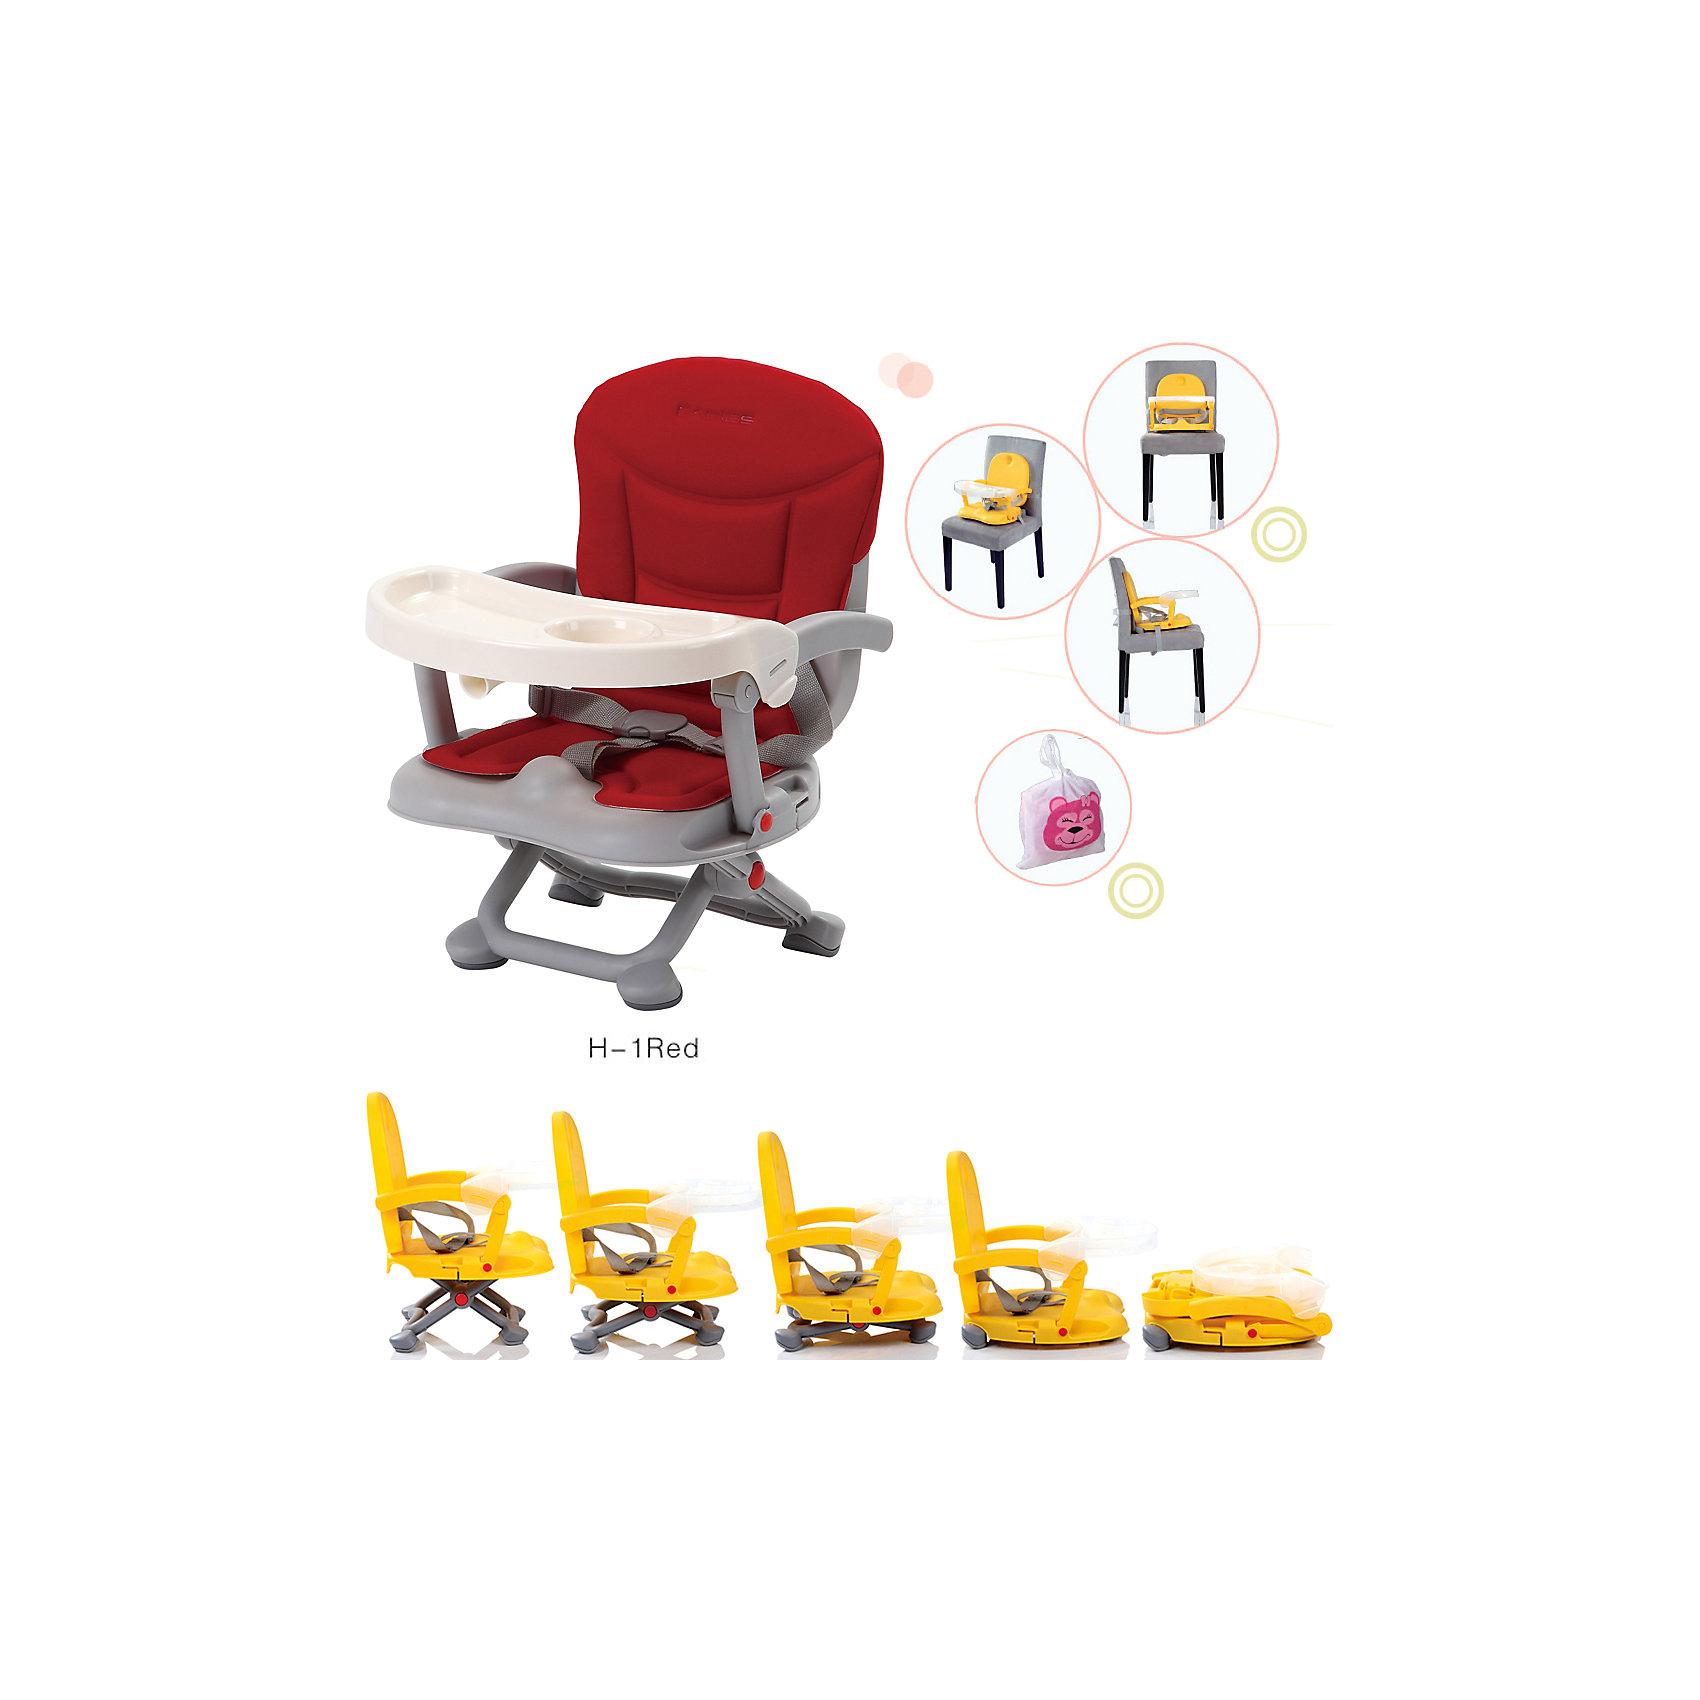 Стульчик для кормления H-1, Babies, RedСтульчик для кормления H-1, Babies, Red - легкая, простая и компактная модель для комфортного кормления малыша дома и в путешествии.<br>Компактный стульчик для кормления H-1 Red от Babies (Бэйбис) идеален как для домашнего использования, так и для поездок. Он легко и быстро складывается, не занимает много места при хранении и перевозке. Мягкий комфортный, приятный на ощупь съемный чехол красного цвета можно стирать. Предусмотрена удобная съемная столешница с бортиками и подстаканником. Нескользящие ножки устойчивы на поверхности. Стульчик можно использовать как самостоятельный предмет мебели или как бустер, сложив ножки опоры и прикрепив к обычному стулу с помощью специальных ремней, входящих в комплект.<br><br>Дополнительная информация:<br><br>- Возраст детей: от полугода до 3 лет<br>- Максимальная нагрузка: 15 кг.<br>- Компактный, легкий<br>- Красивый дизайн<br>- Устойчивая конструкция<br>- Удобные ножки, регулируются по высоте в 3 положениях<br>- Просторное сиденье<br>- Трехточечный ремень безопасности<br>- Предусмотрен мешок для транспортировки<br>- Материал: качественный пластик, текстиль<br>- Вес: 2 кг.<br>- Размер стульчика: 36 х 38 х 50 см.<br><br>Стульчик для кормления H-1, Babies, Red можно купить в нашем интернет-магазине.<br><br>Ширина мм: 375<br>Глубина мм: 345<br>Высота мм: 770<br>Вес г: 1600<br>Возраст от месяцев: 6<br>Возраст до месяцев: 36<br>Пол: Унисекс<br>Возраст: Детский<br>SKU: 4811284